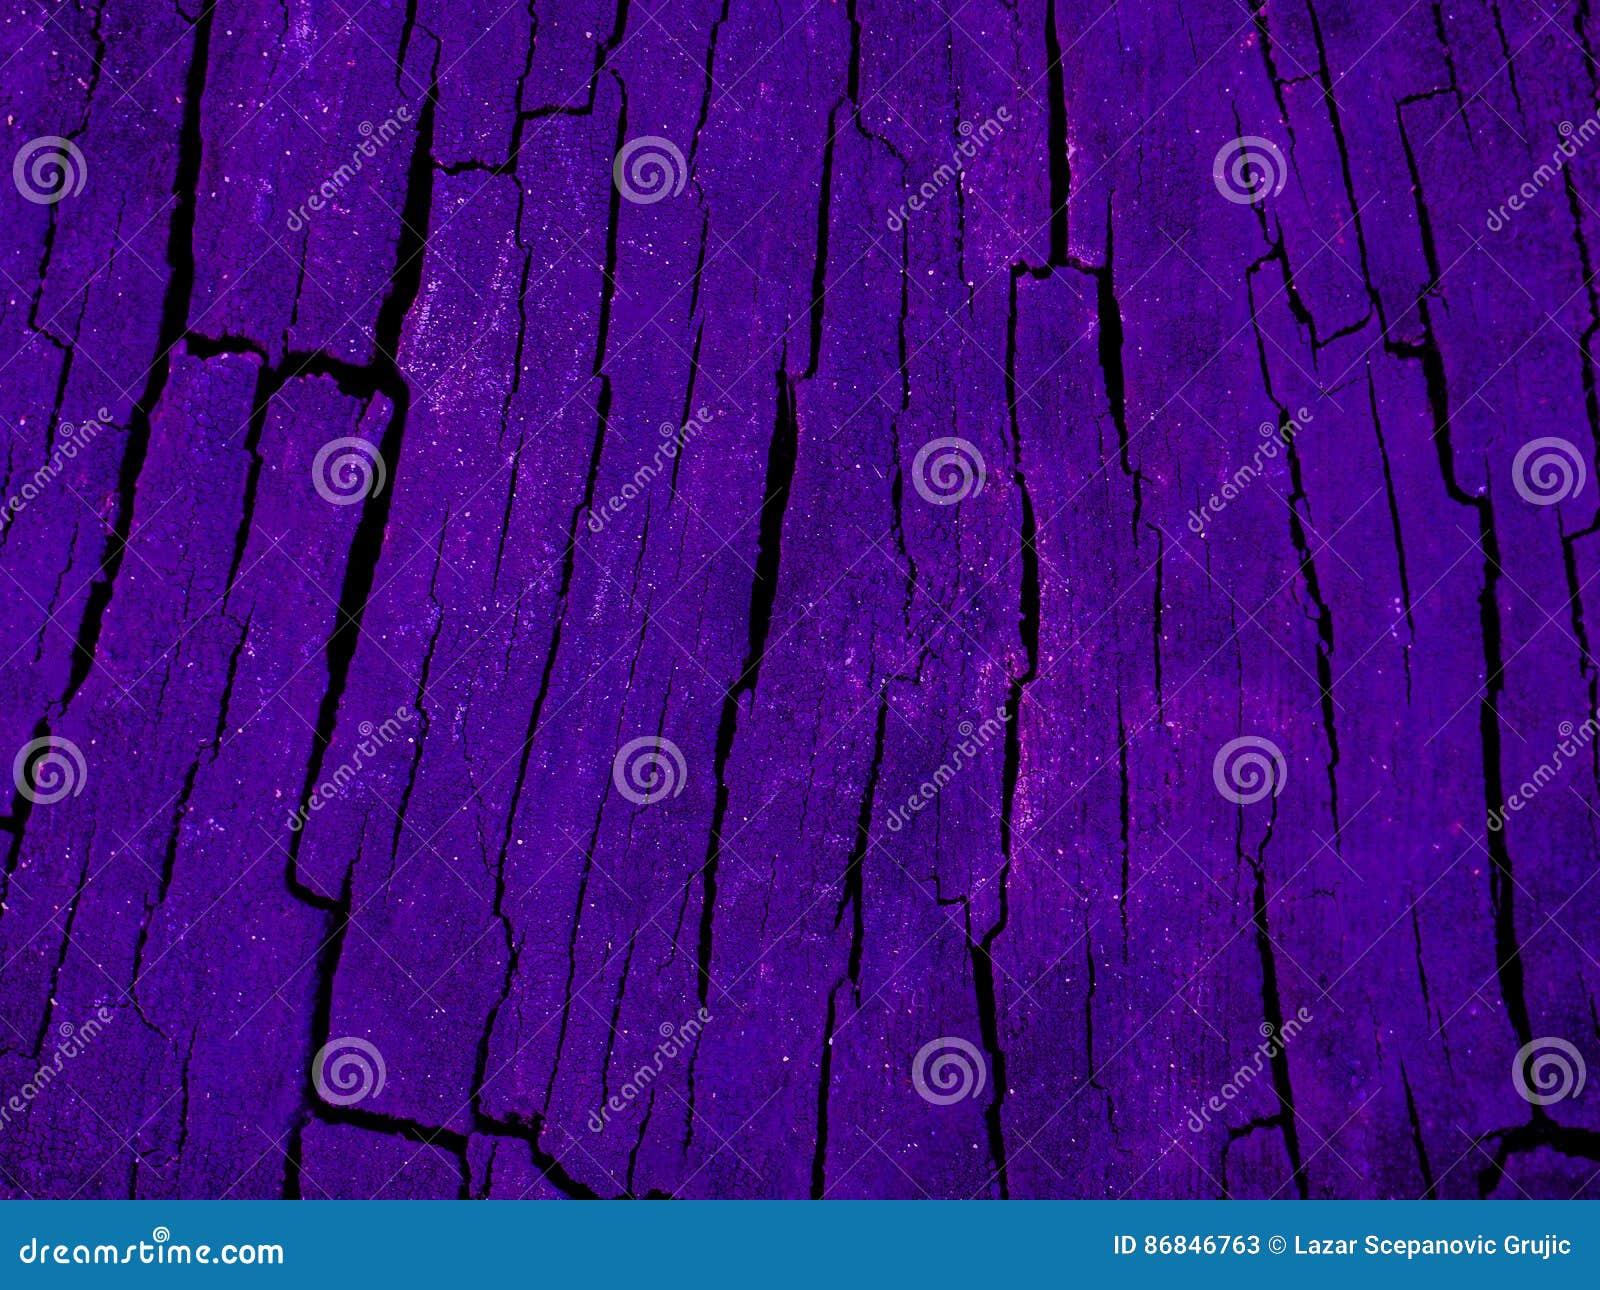 Echt verbazende foto van een close-up houten textuur onder een ultra het gloeien purper licht